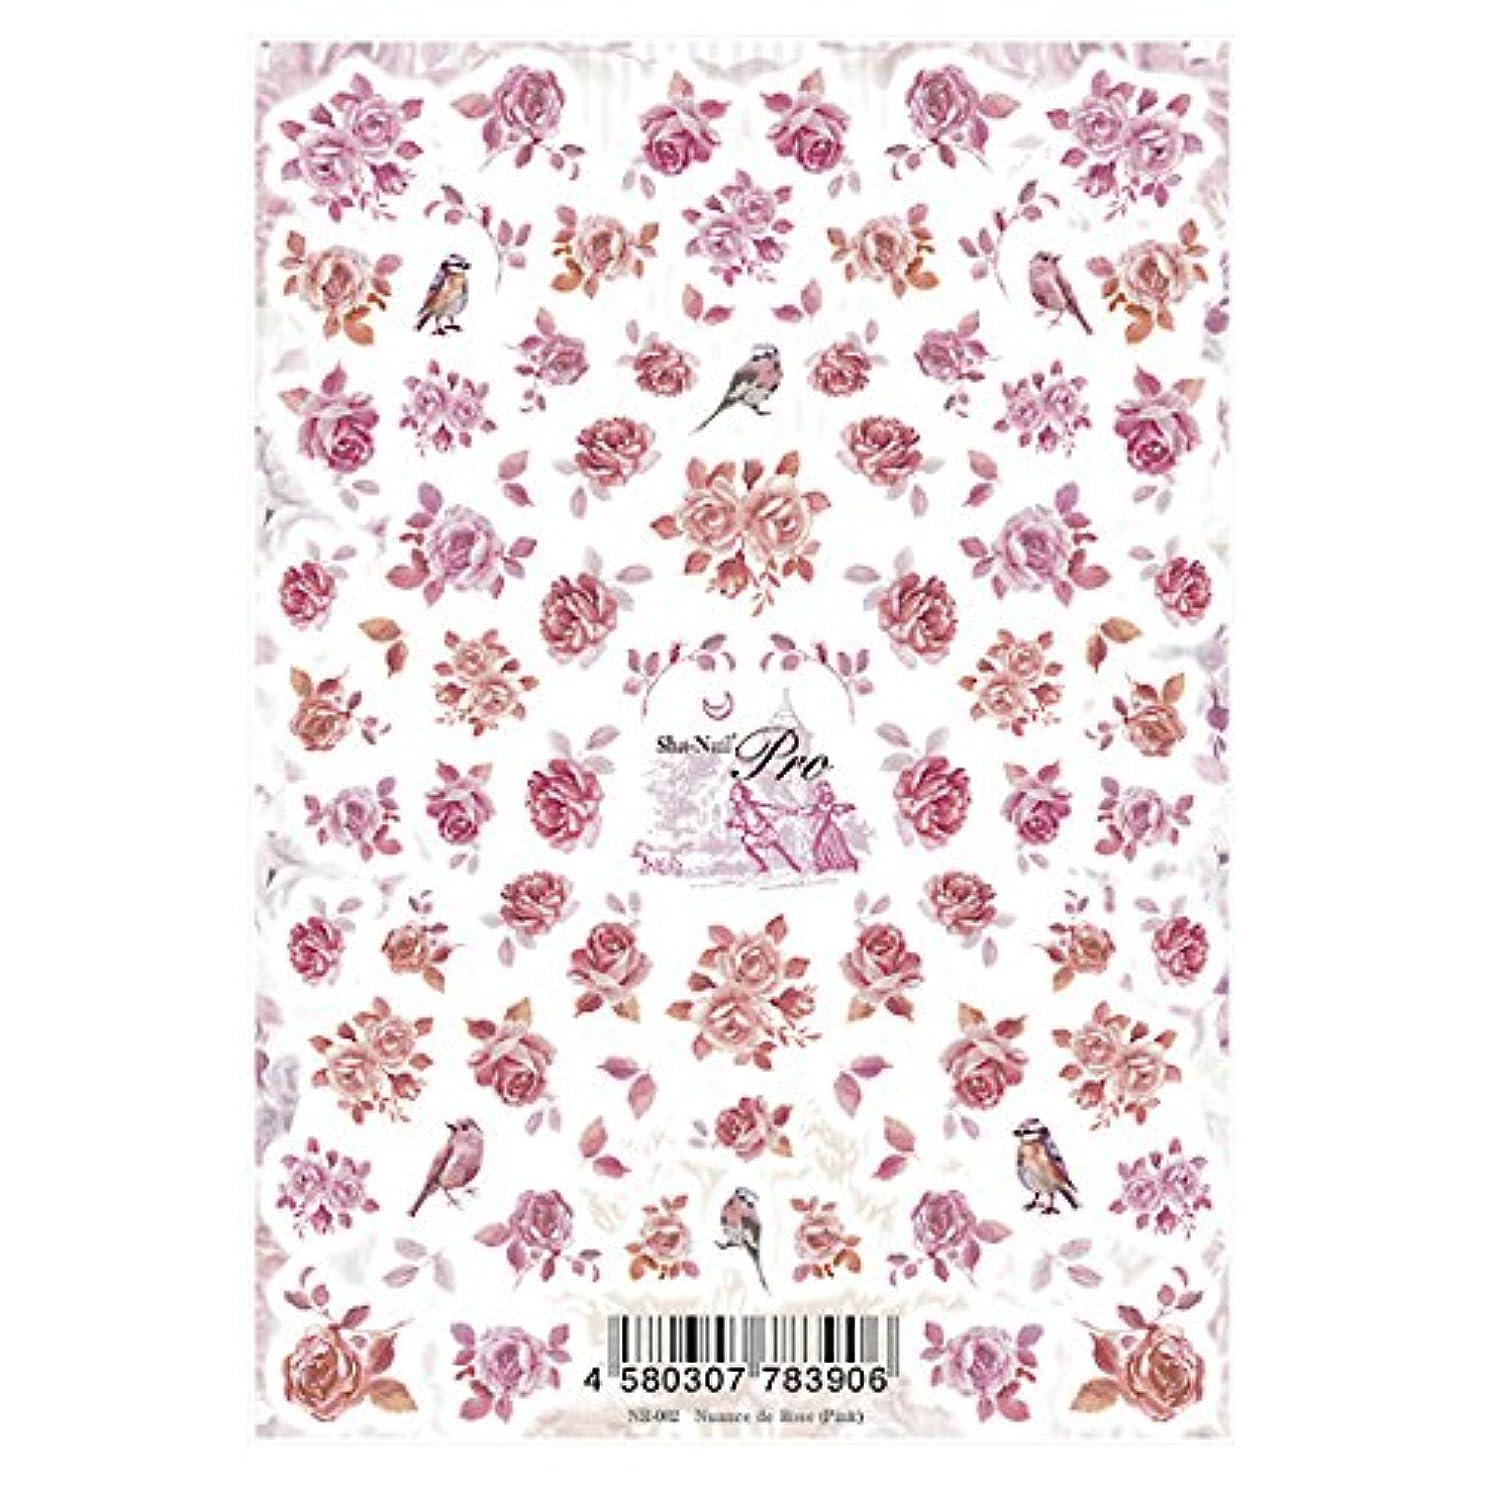 とまり木スコットランド人ウサギ写ネイルプロ ネイルシール ニュアンスローズ ピンク アート材